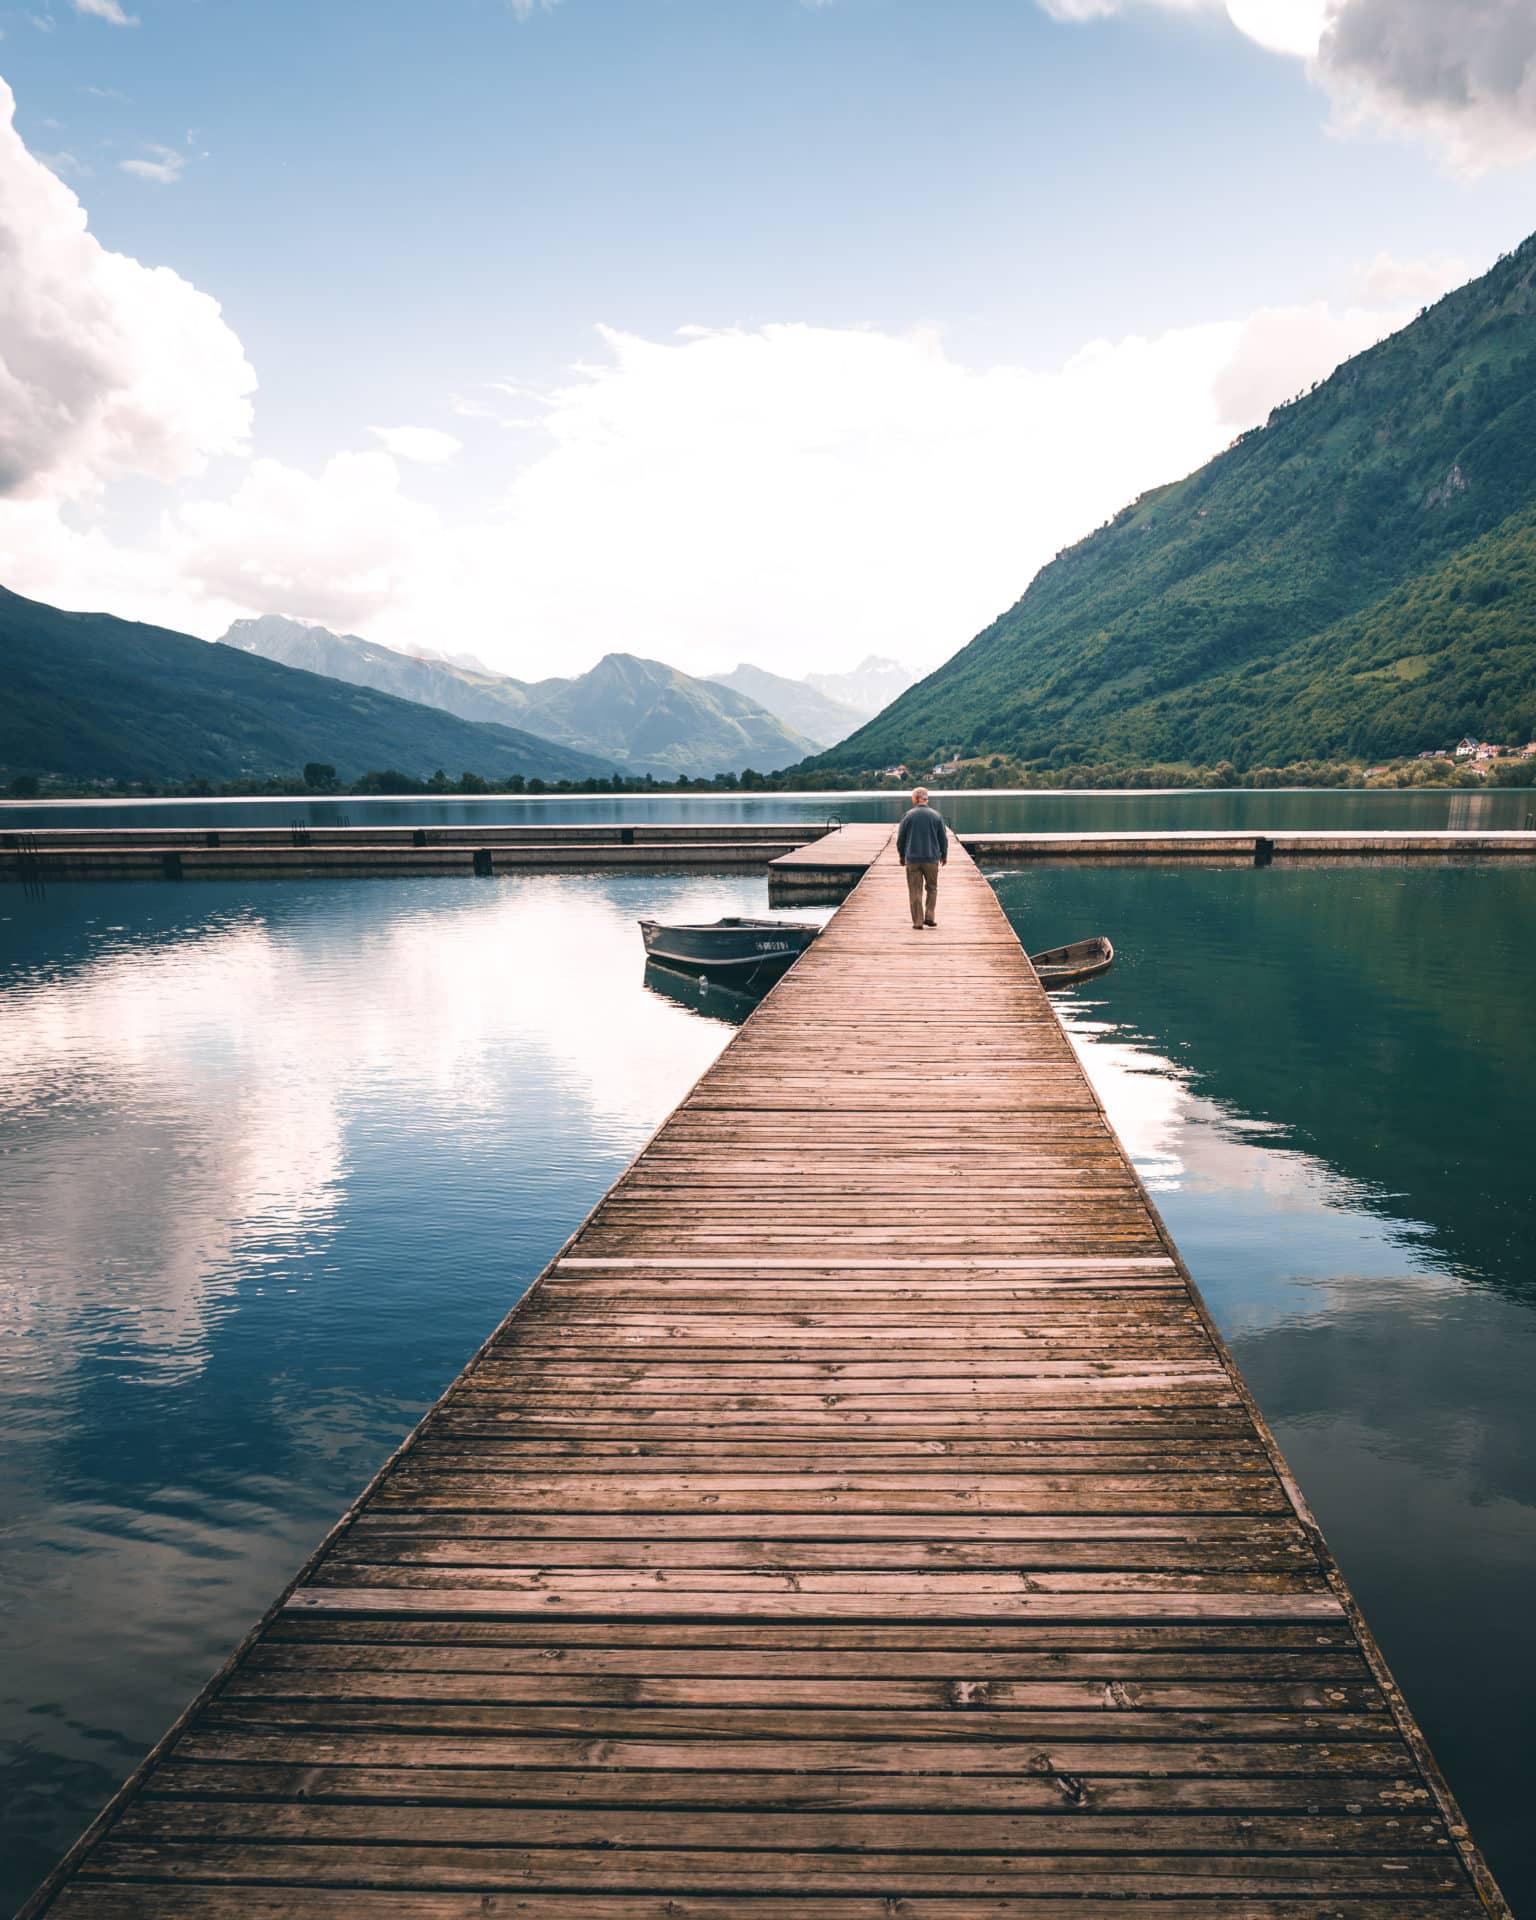 Plavsko jezero Montenegro